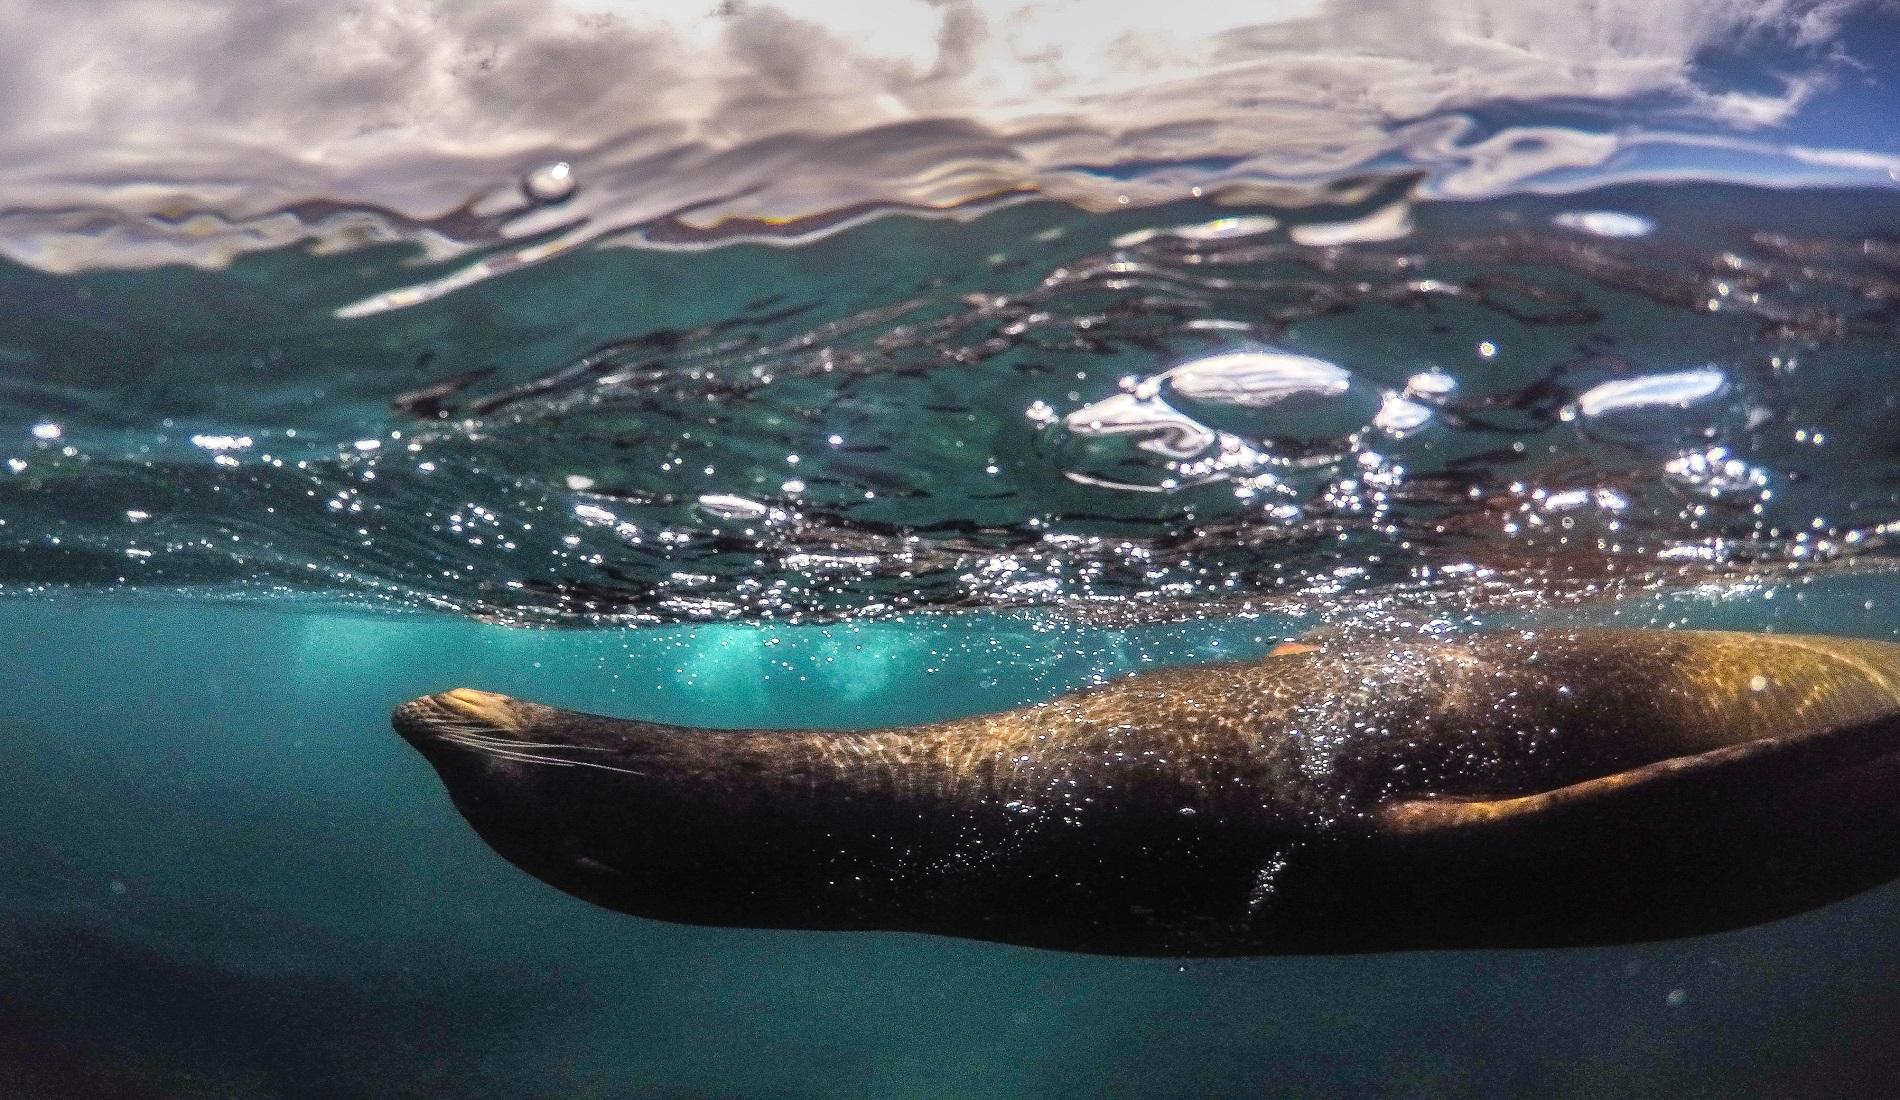 zeeleeuw duikcruise galapagos eilanden